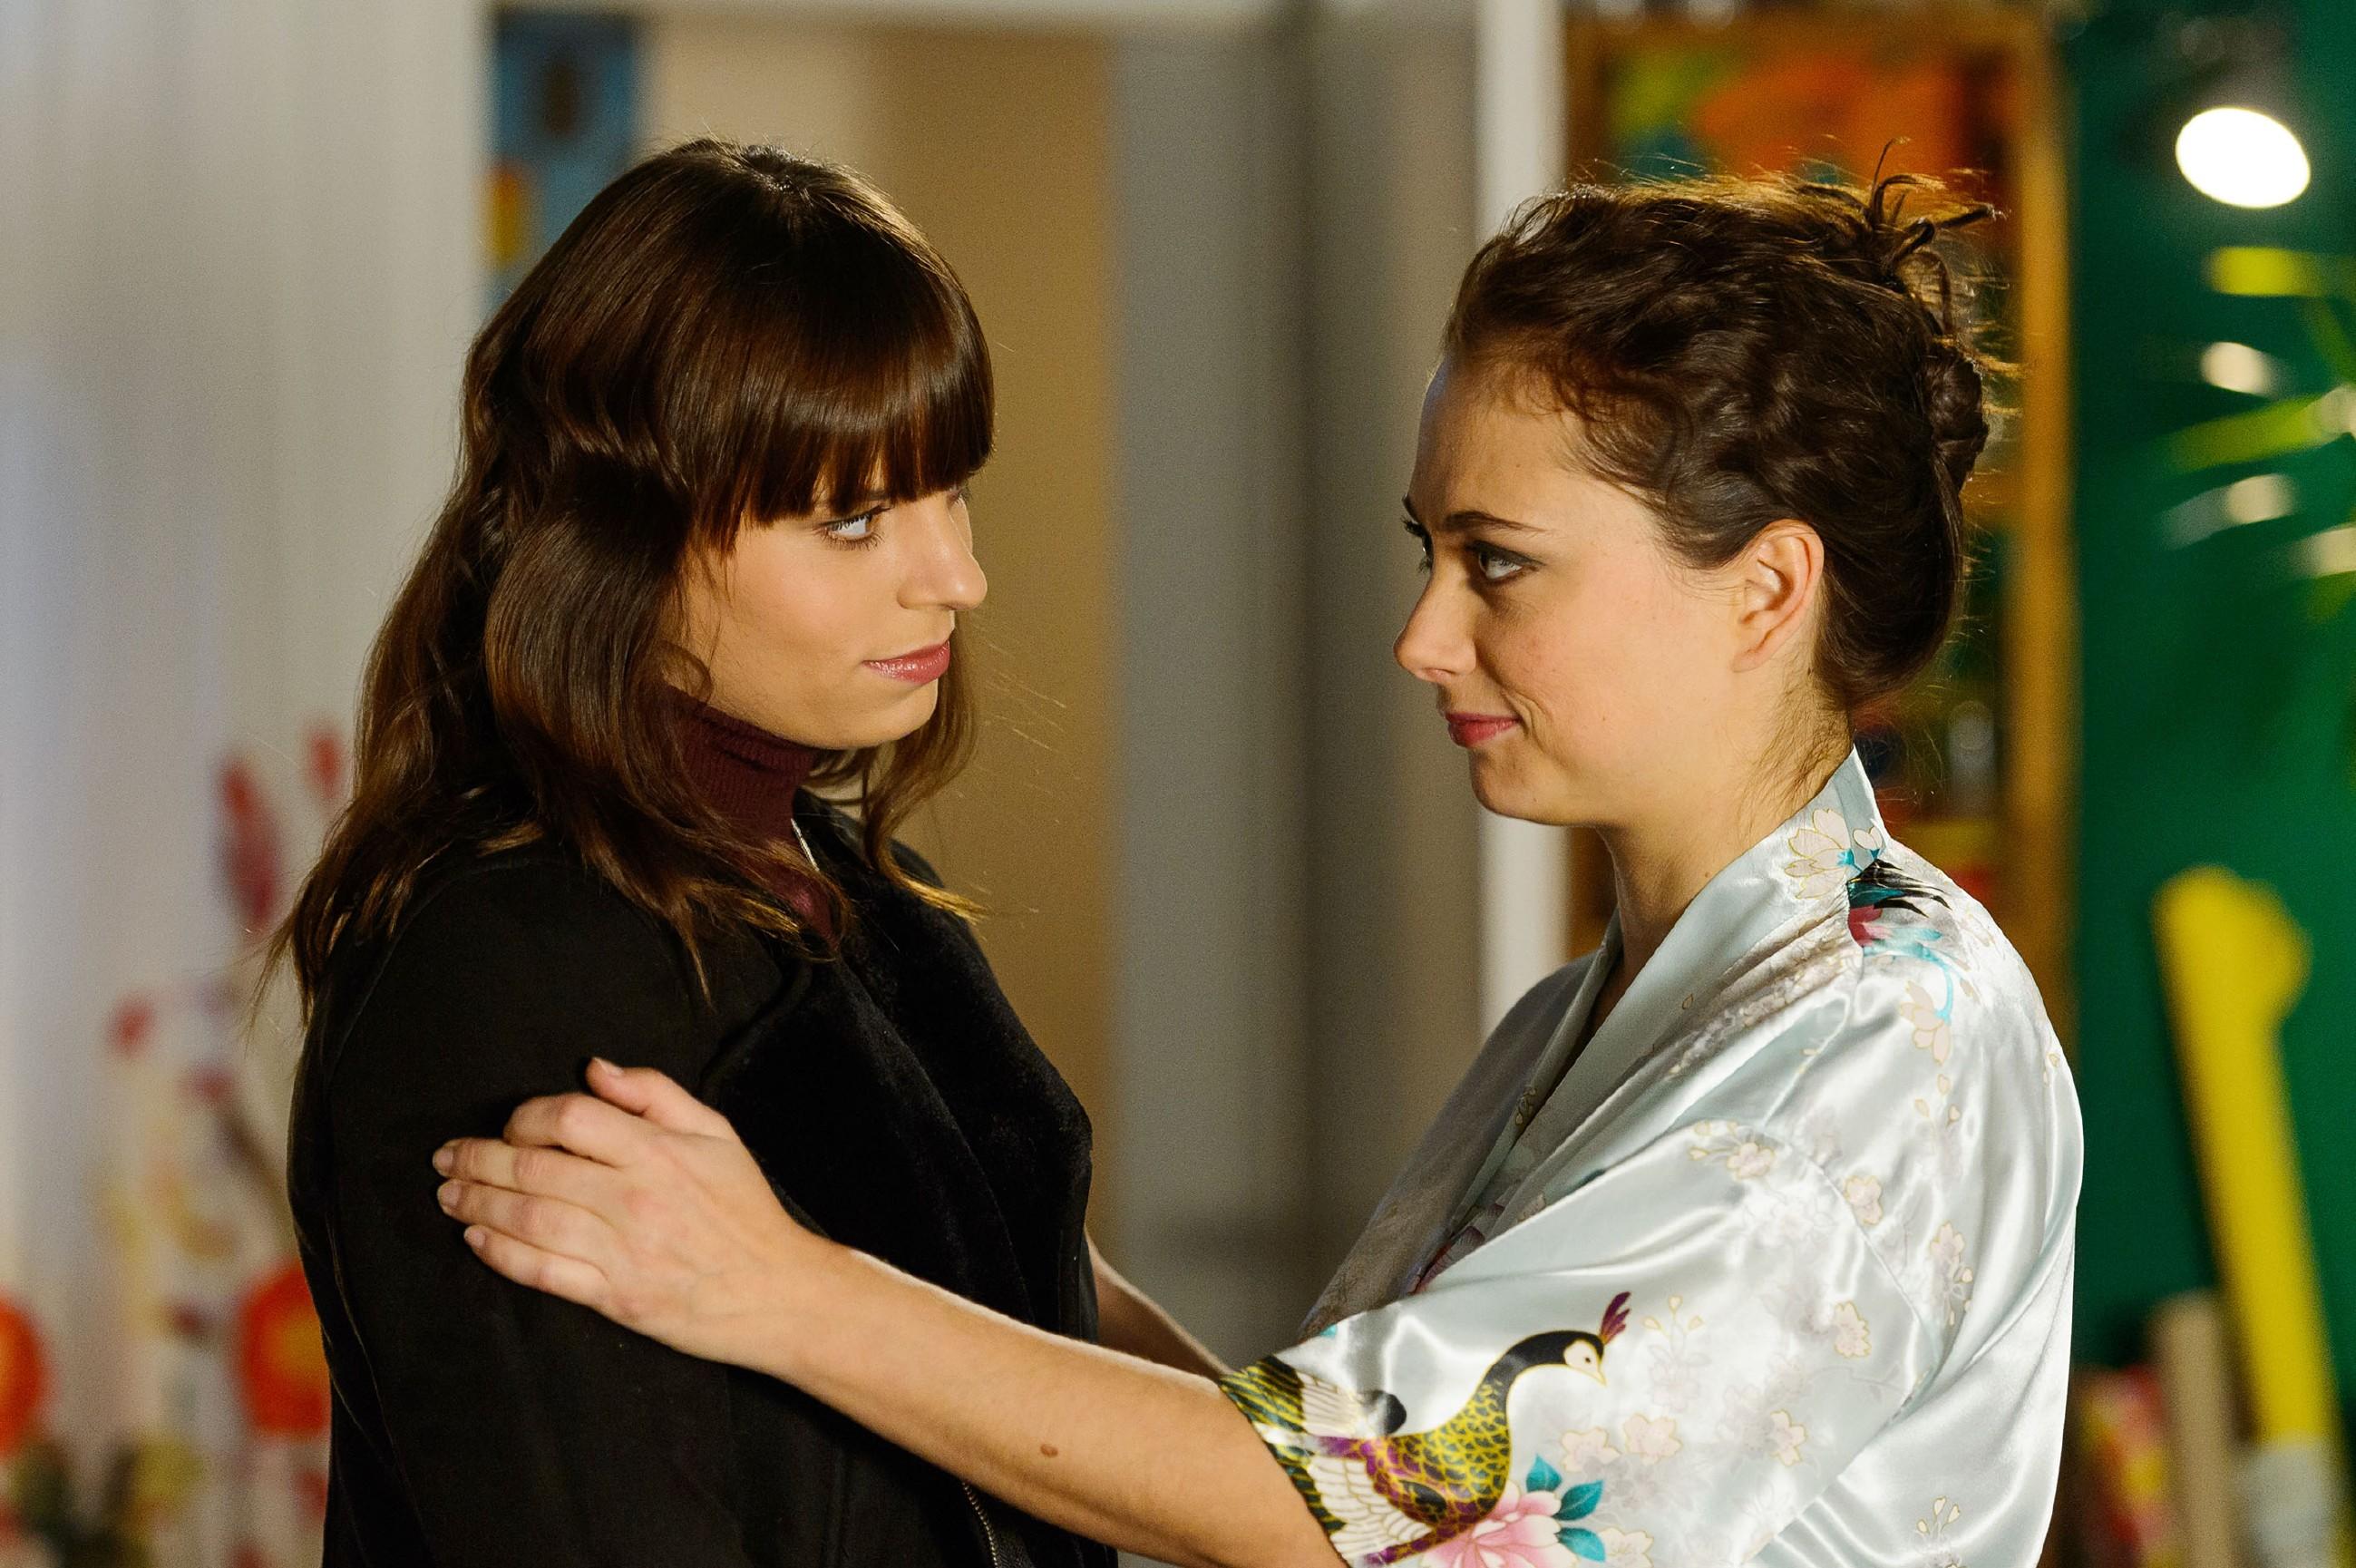 Carmen (Heike Warmuth, r.) erinnert Michelle (Franziska Benz) daran, dass Thomas ihr nach ihrem Zusammenbruch Bettruhe verordnet hat. (Quelle: RTL / Willi Weber)